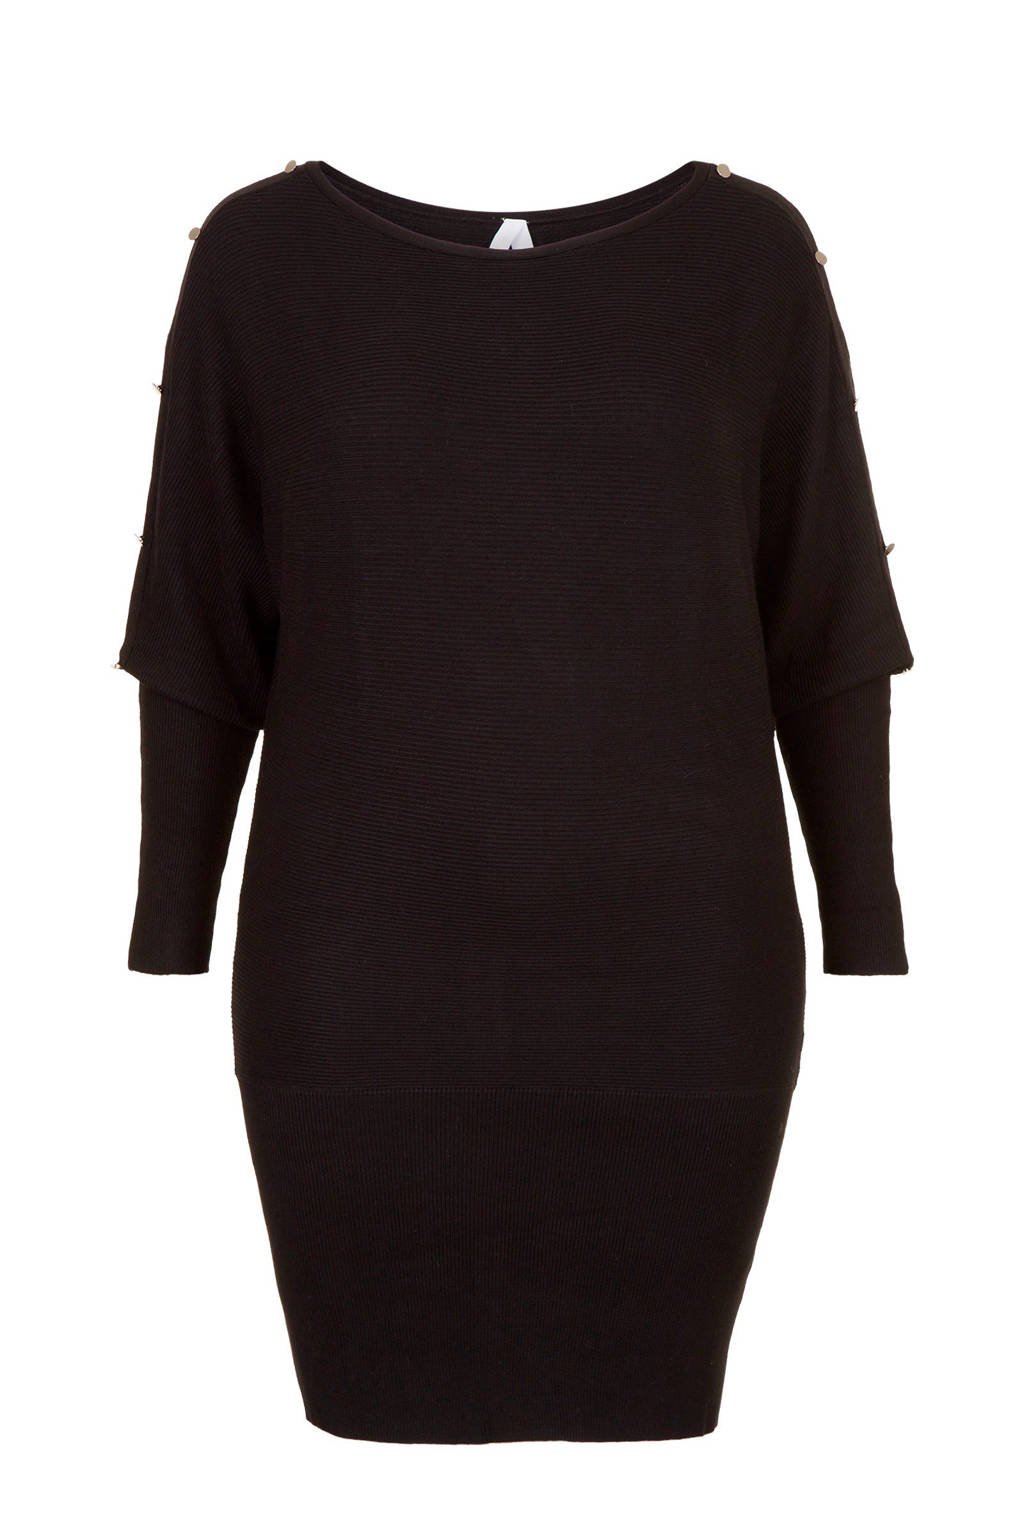 Miss Etam Plus tuniek met studs zwart, Zwart